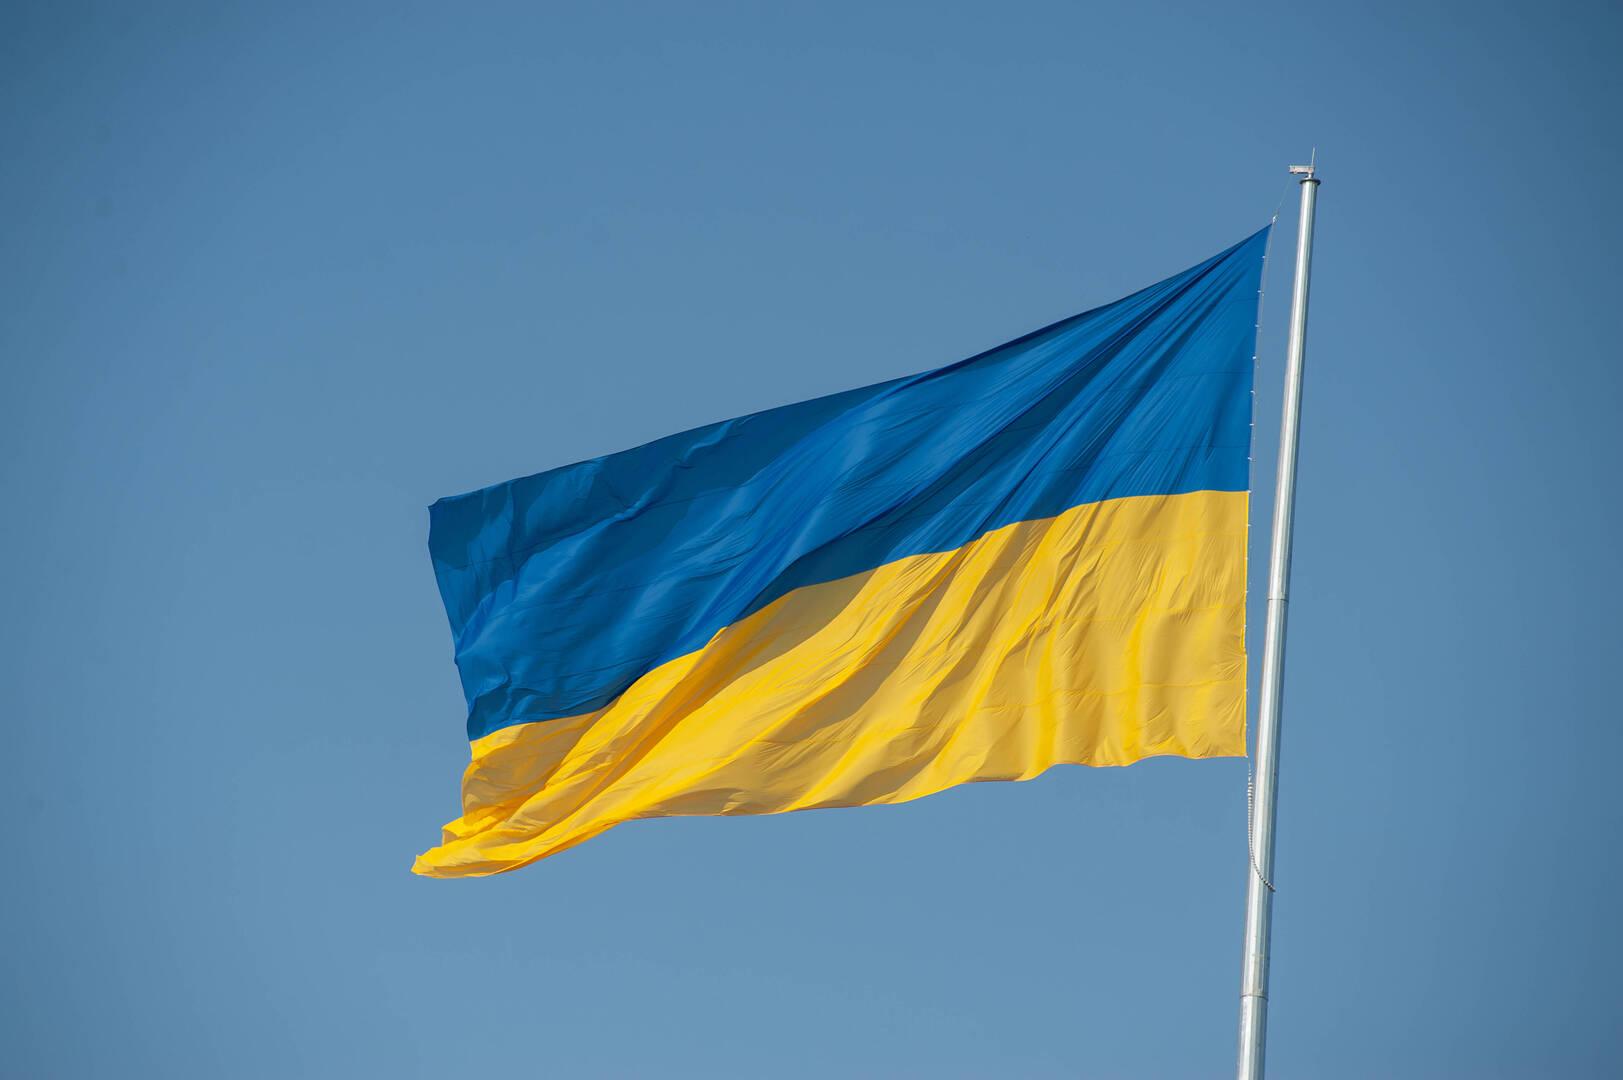 أوكرانيا تفرض عقوبات على روسيا على خلفية الانتخابات في القرم